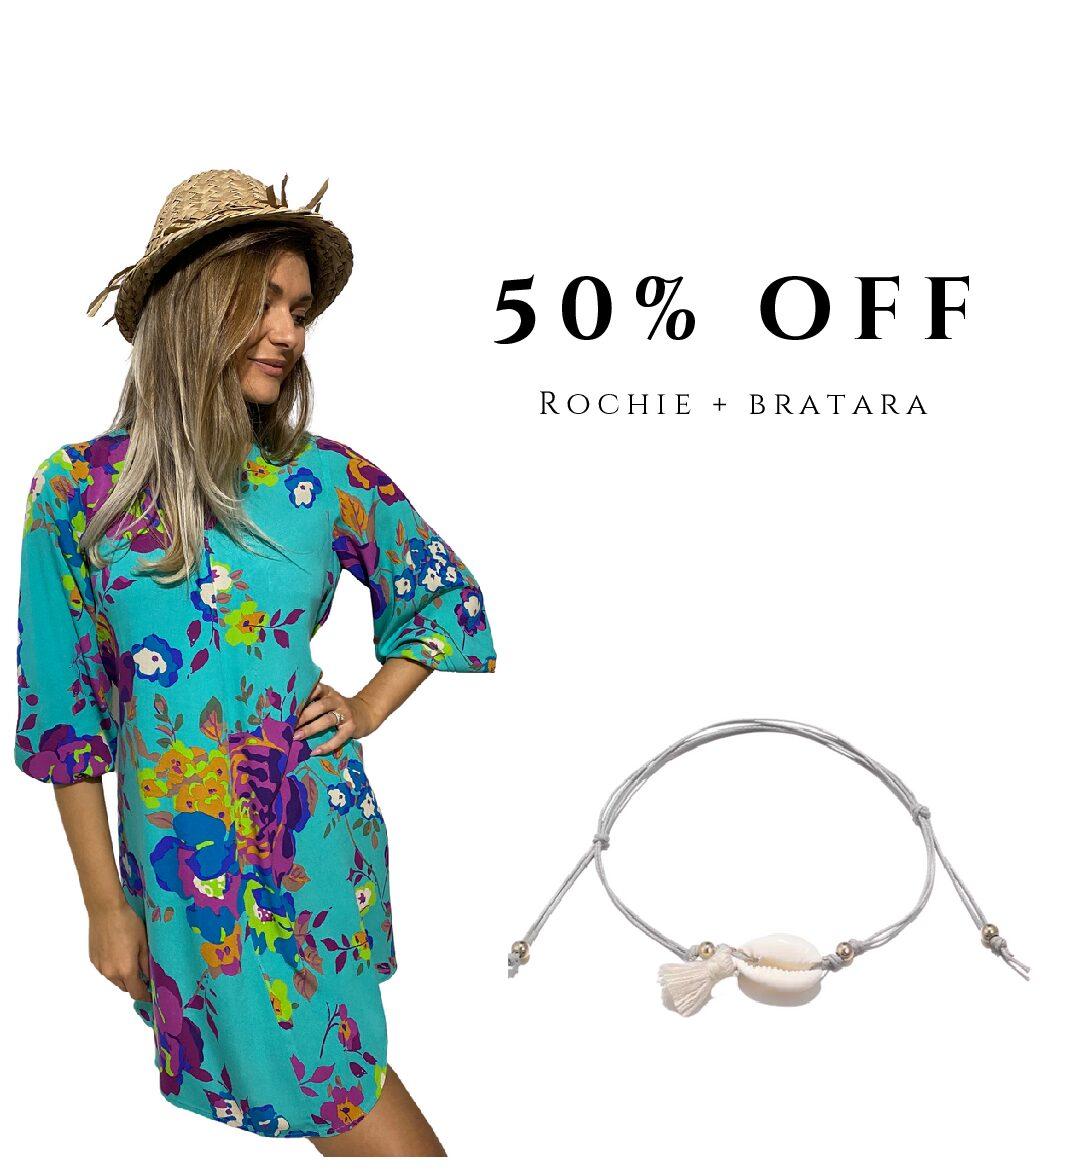 Rochie + bratara 50% OFF